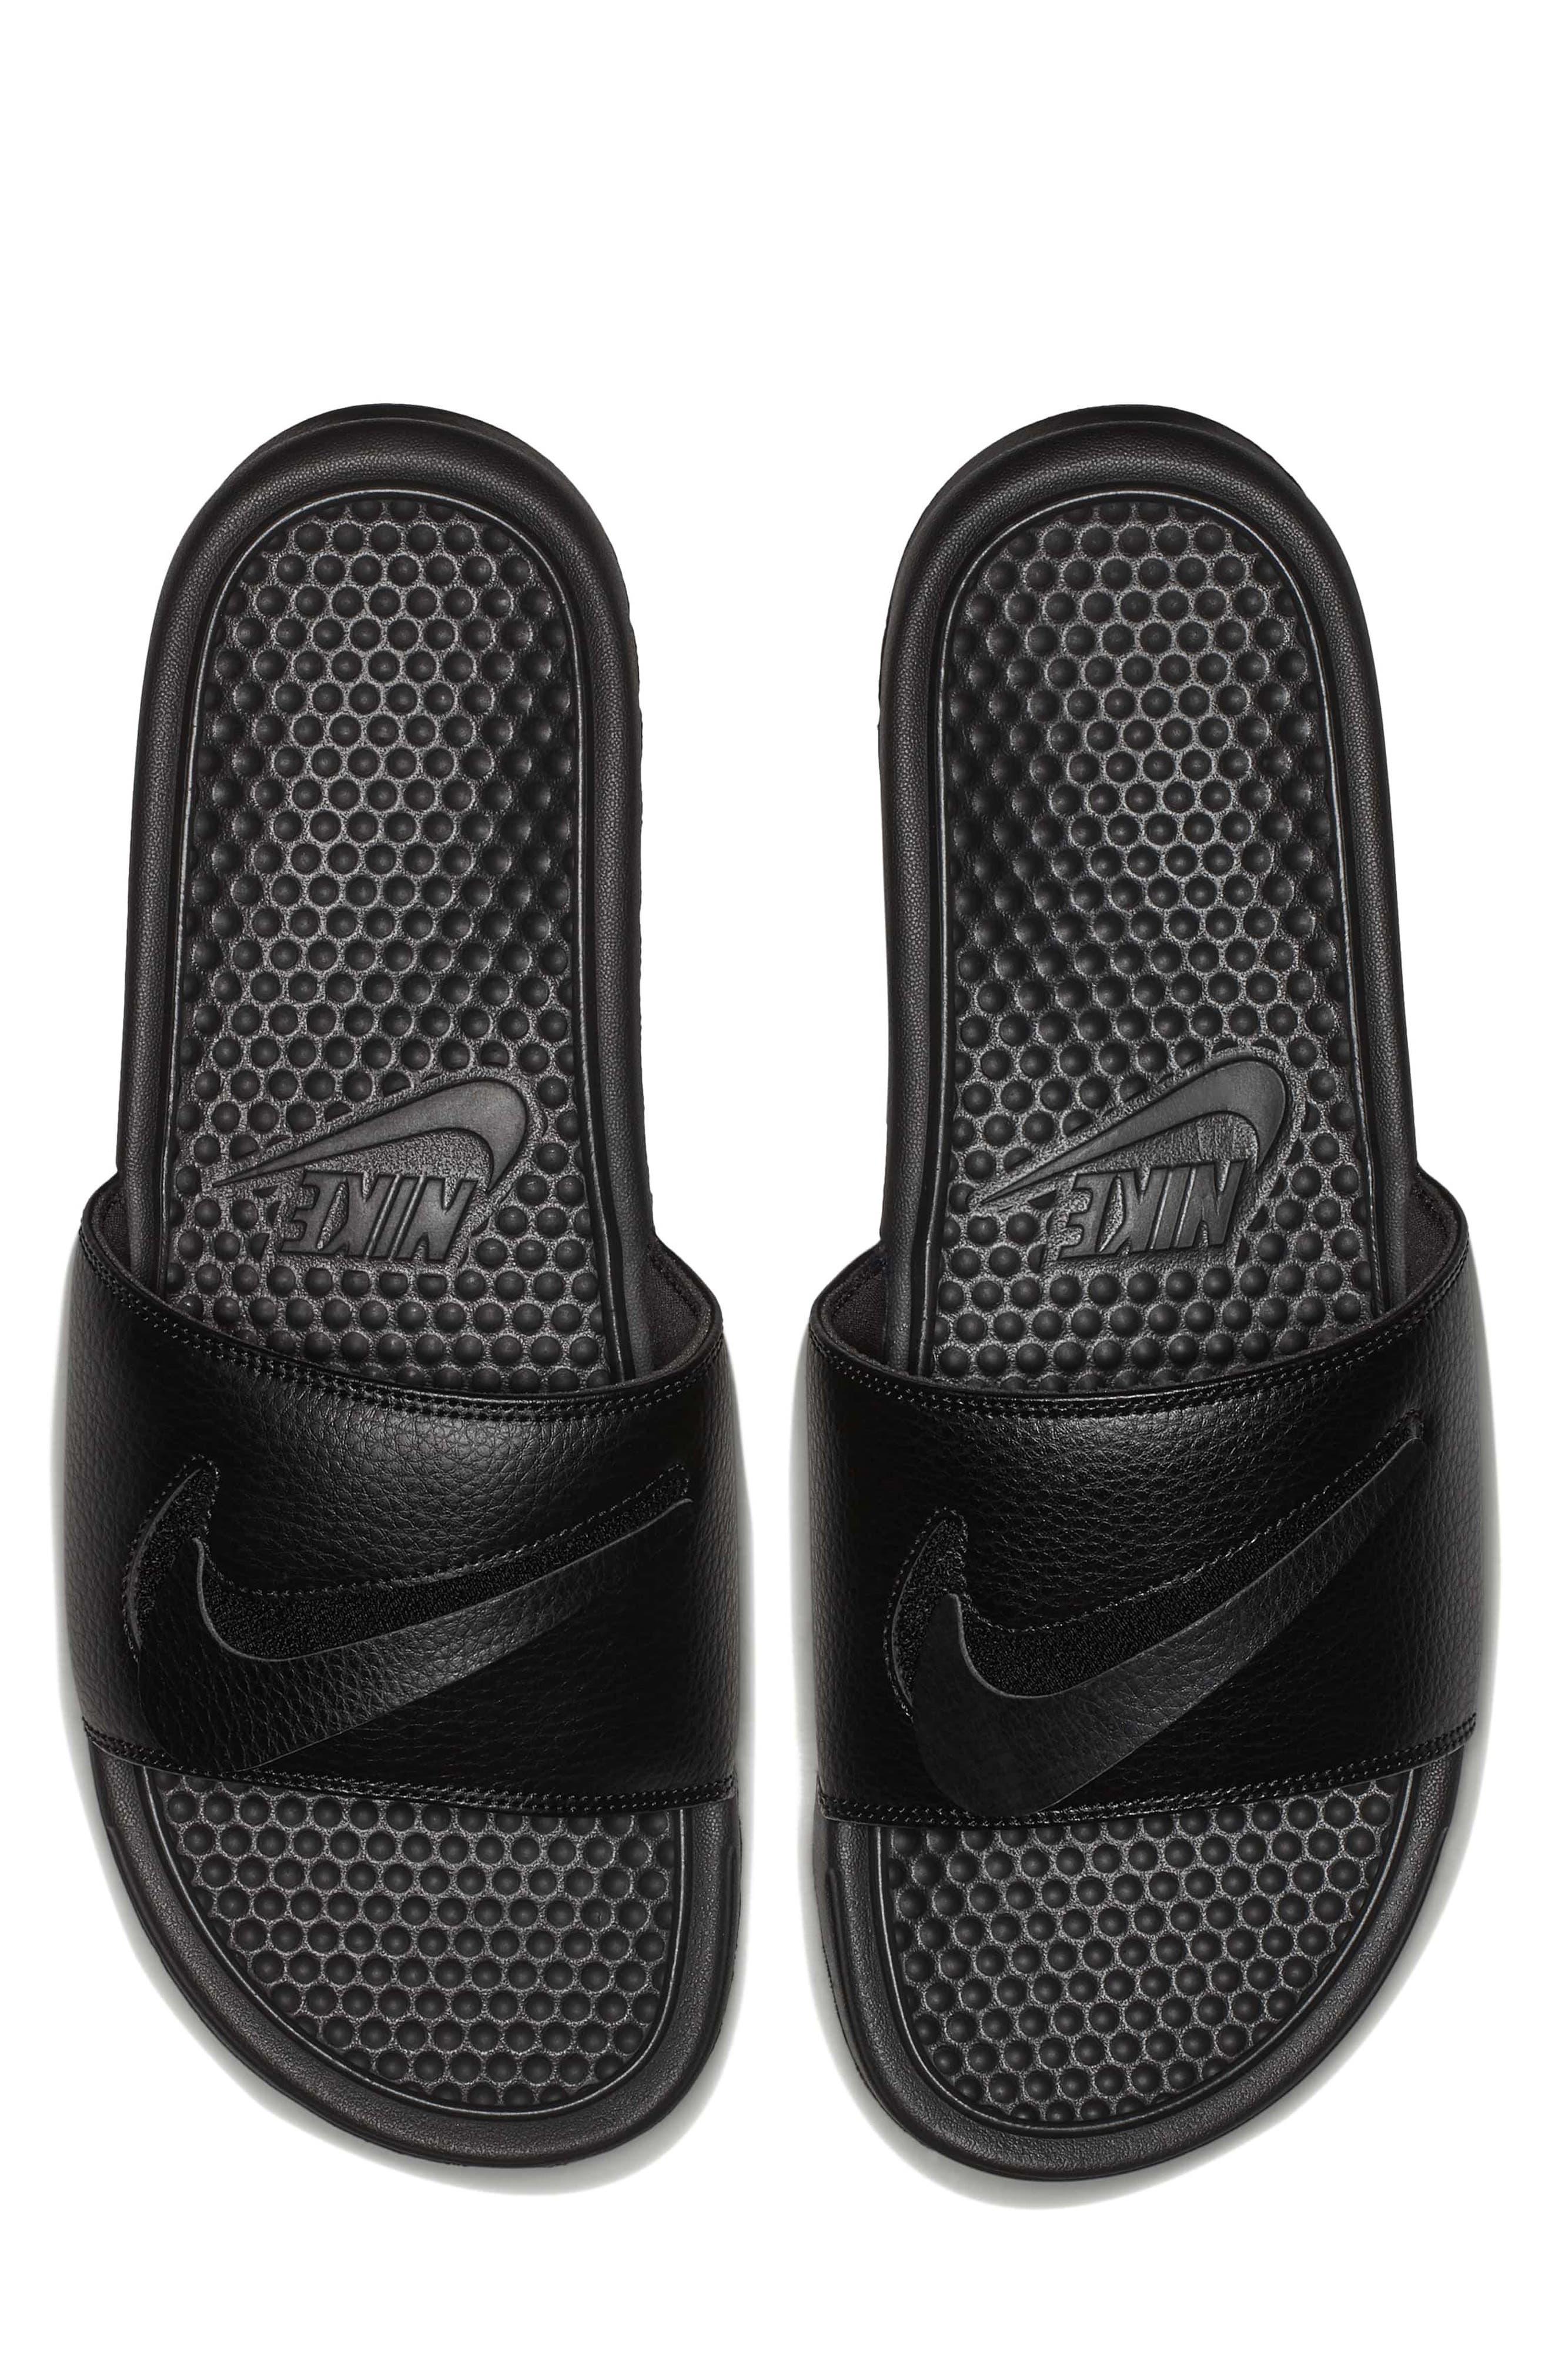 NIKE,                             Benassi JDI Customizable Slide Sandal,                             Alternate thumbnail 9, color,                             001